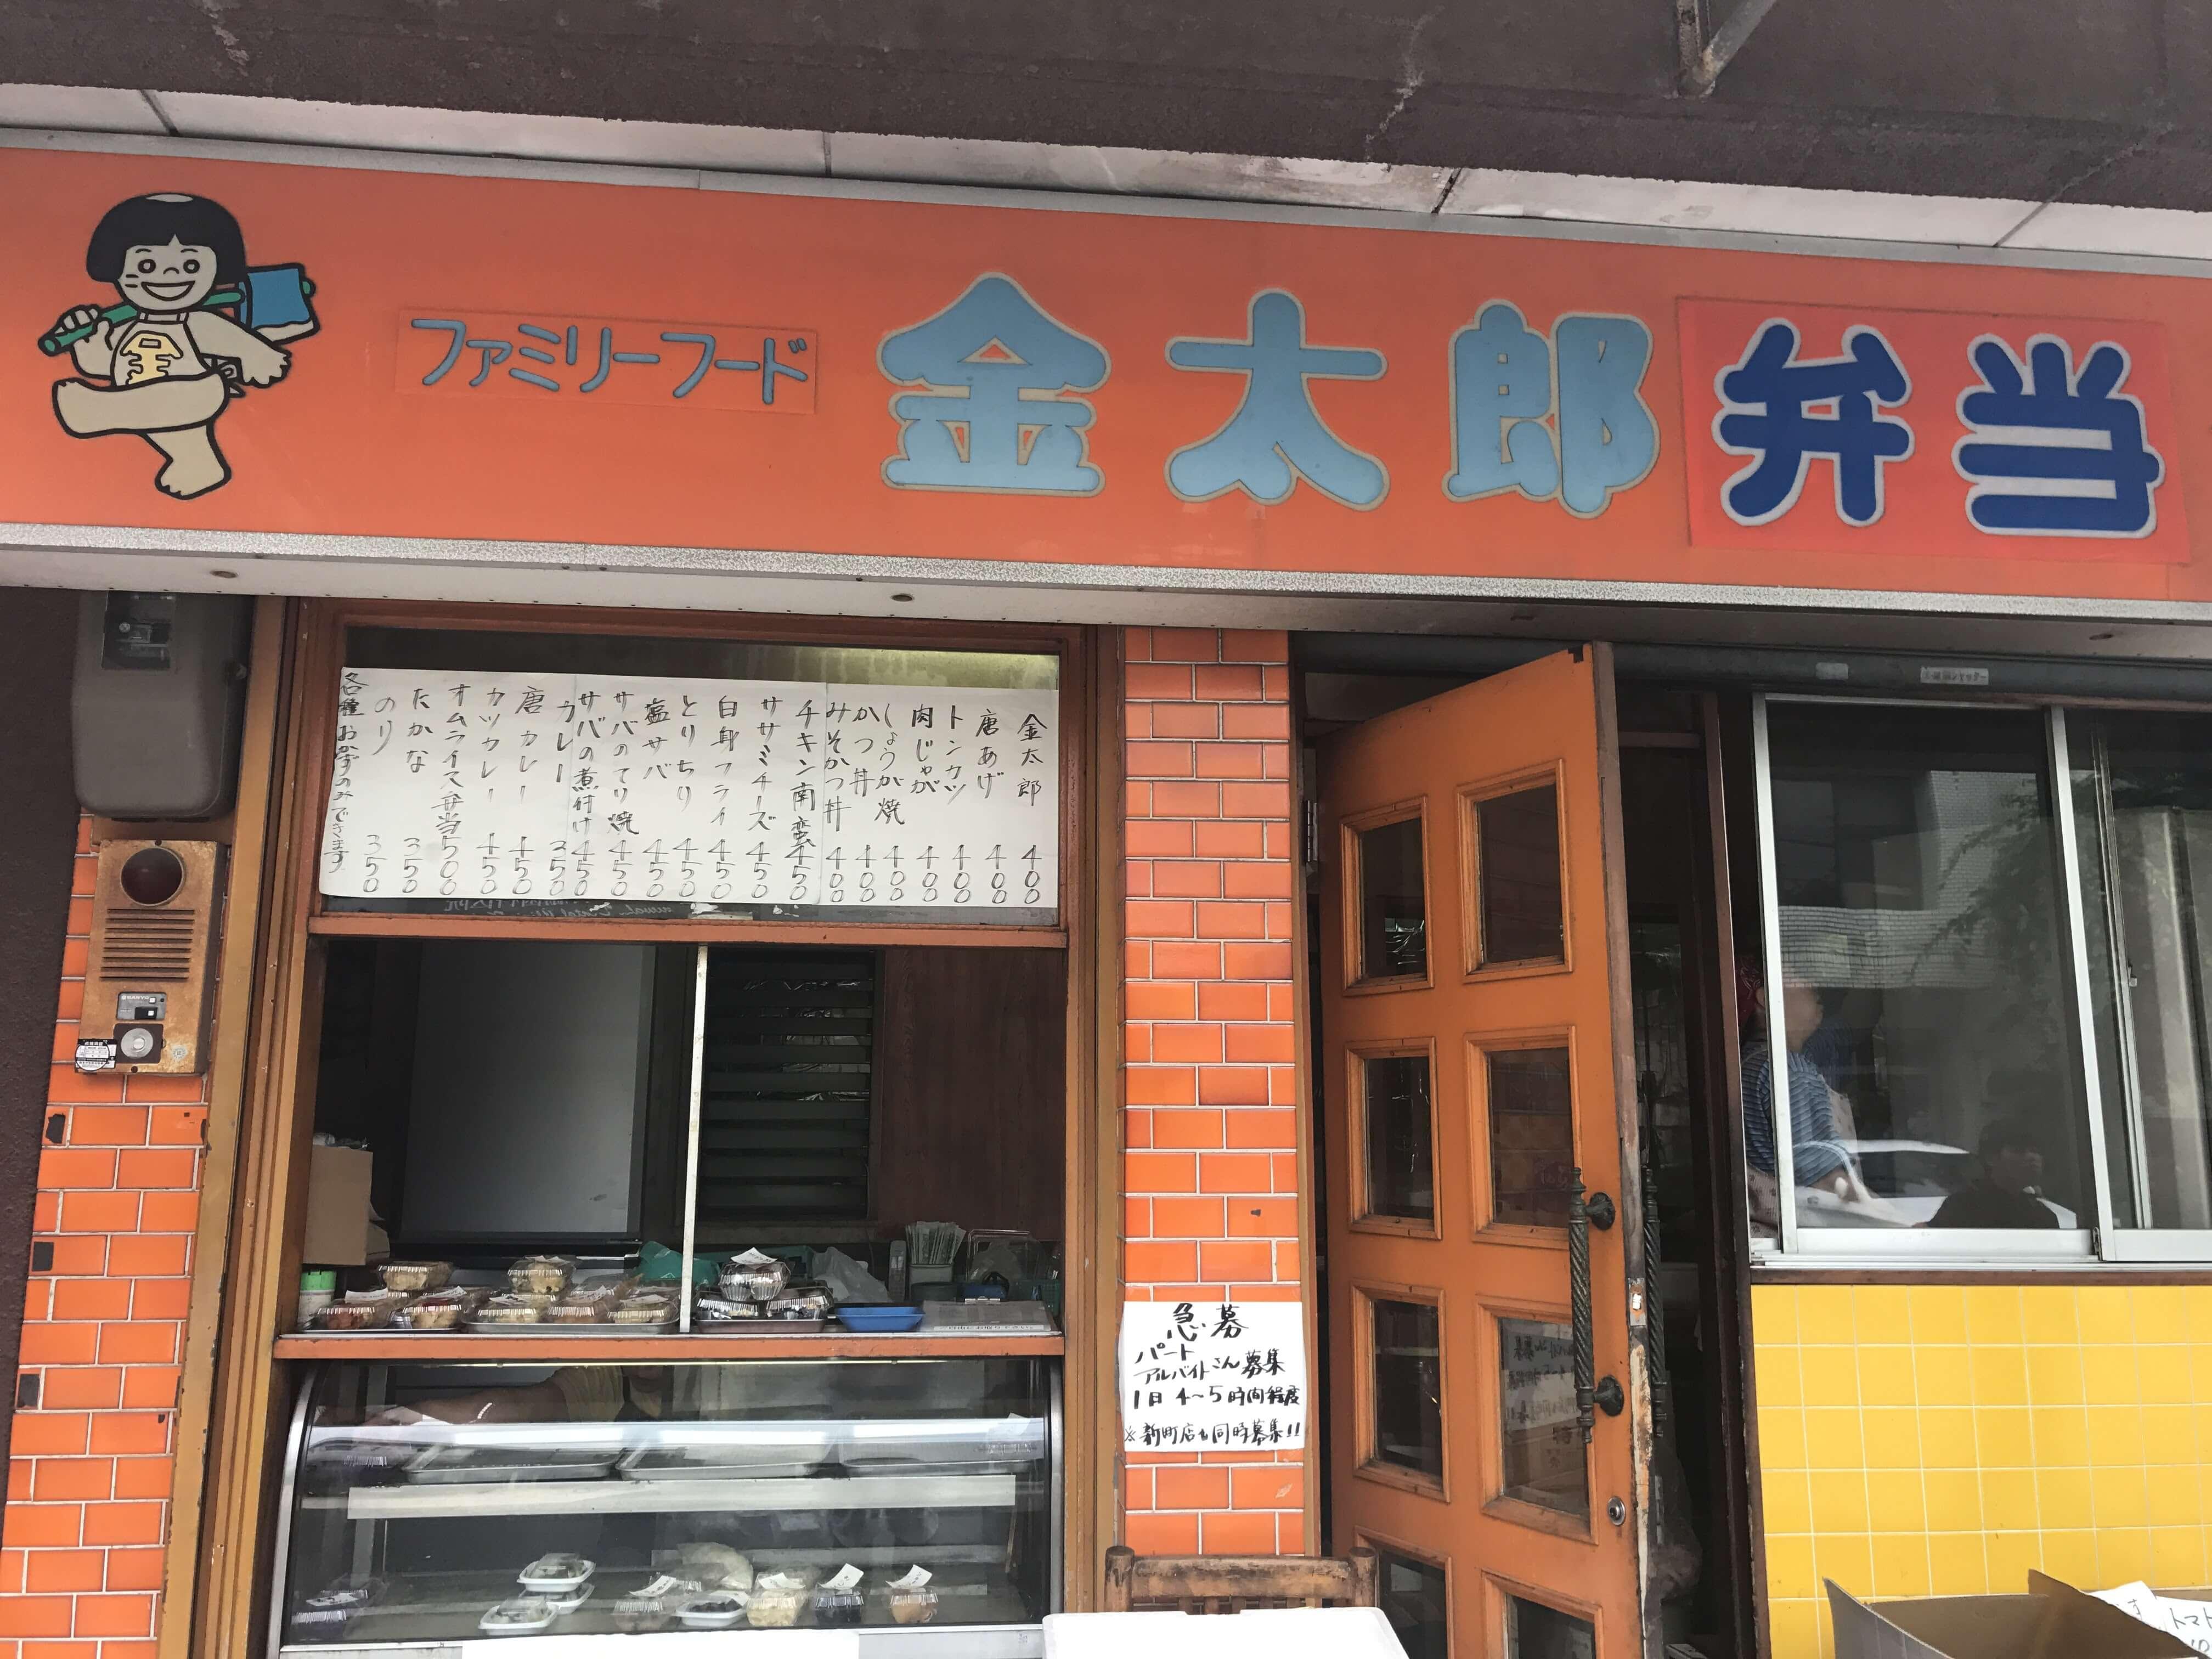 【金太郎】おかずオンおかずのお手頃ボリューム弁当。おふくろの味ってきっとこんな味。